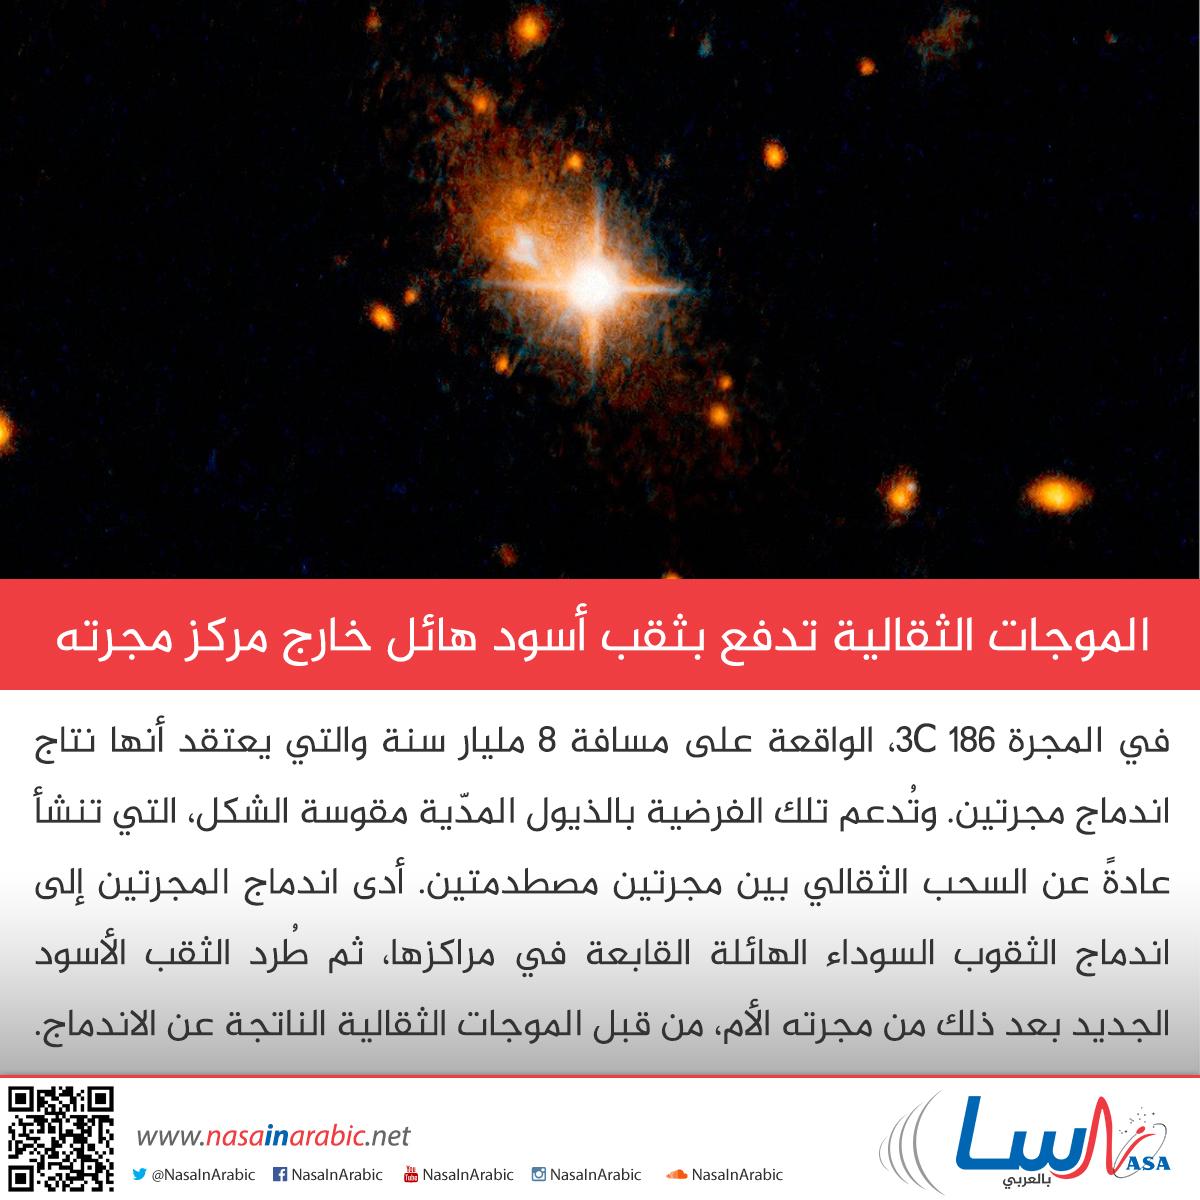 الموجات الثقالية تدفع بثقب أسود هائل خارج مركز مجرته